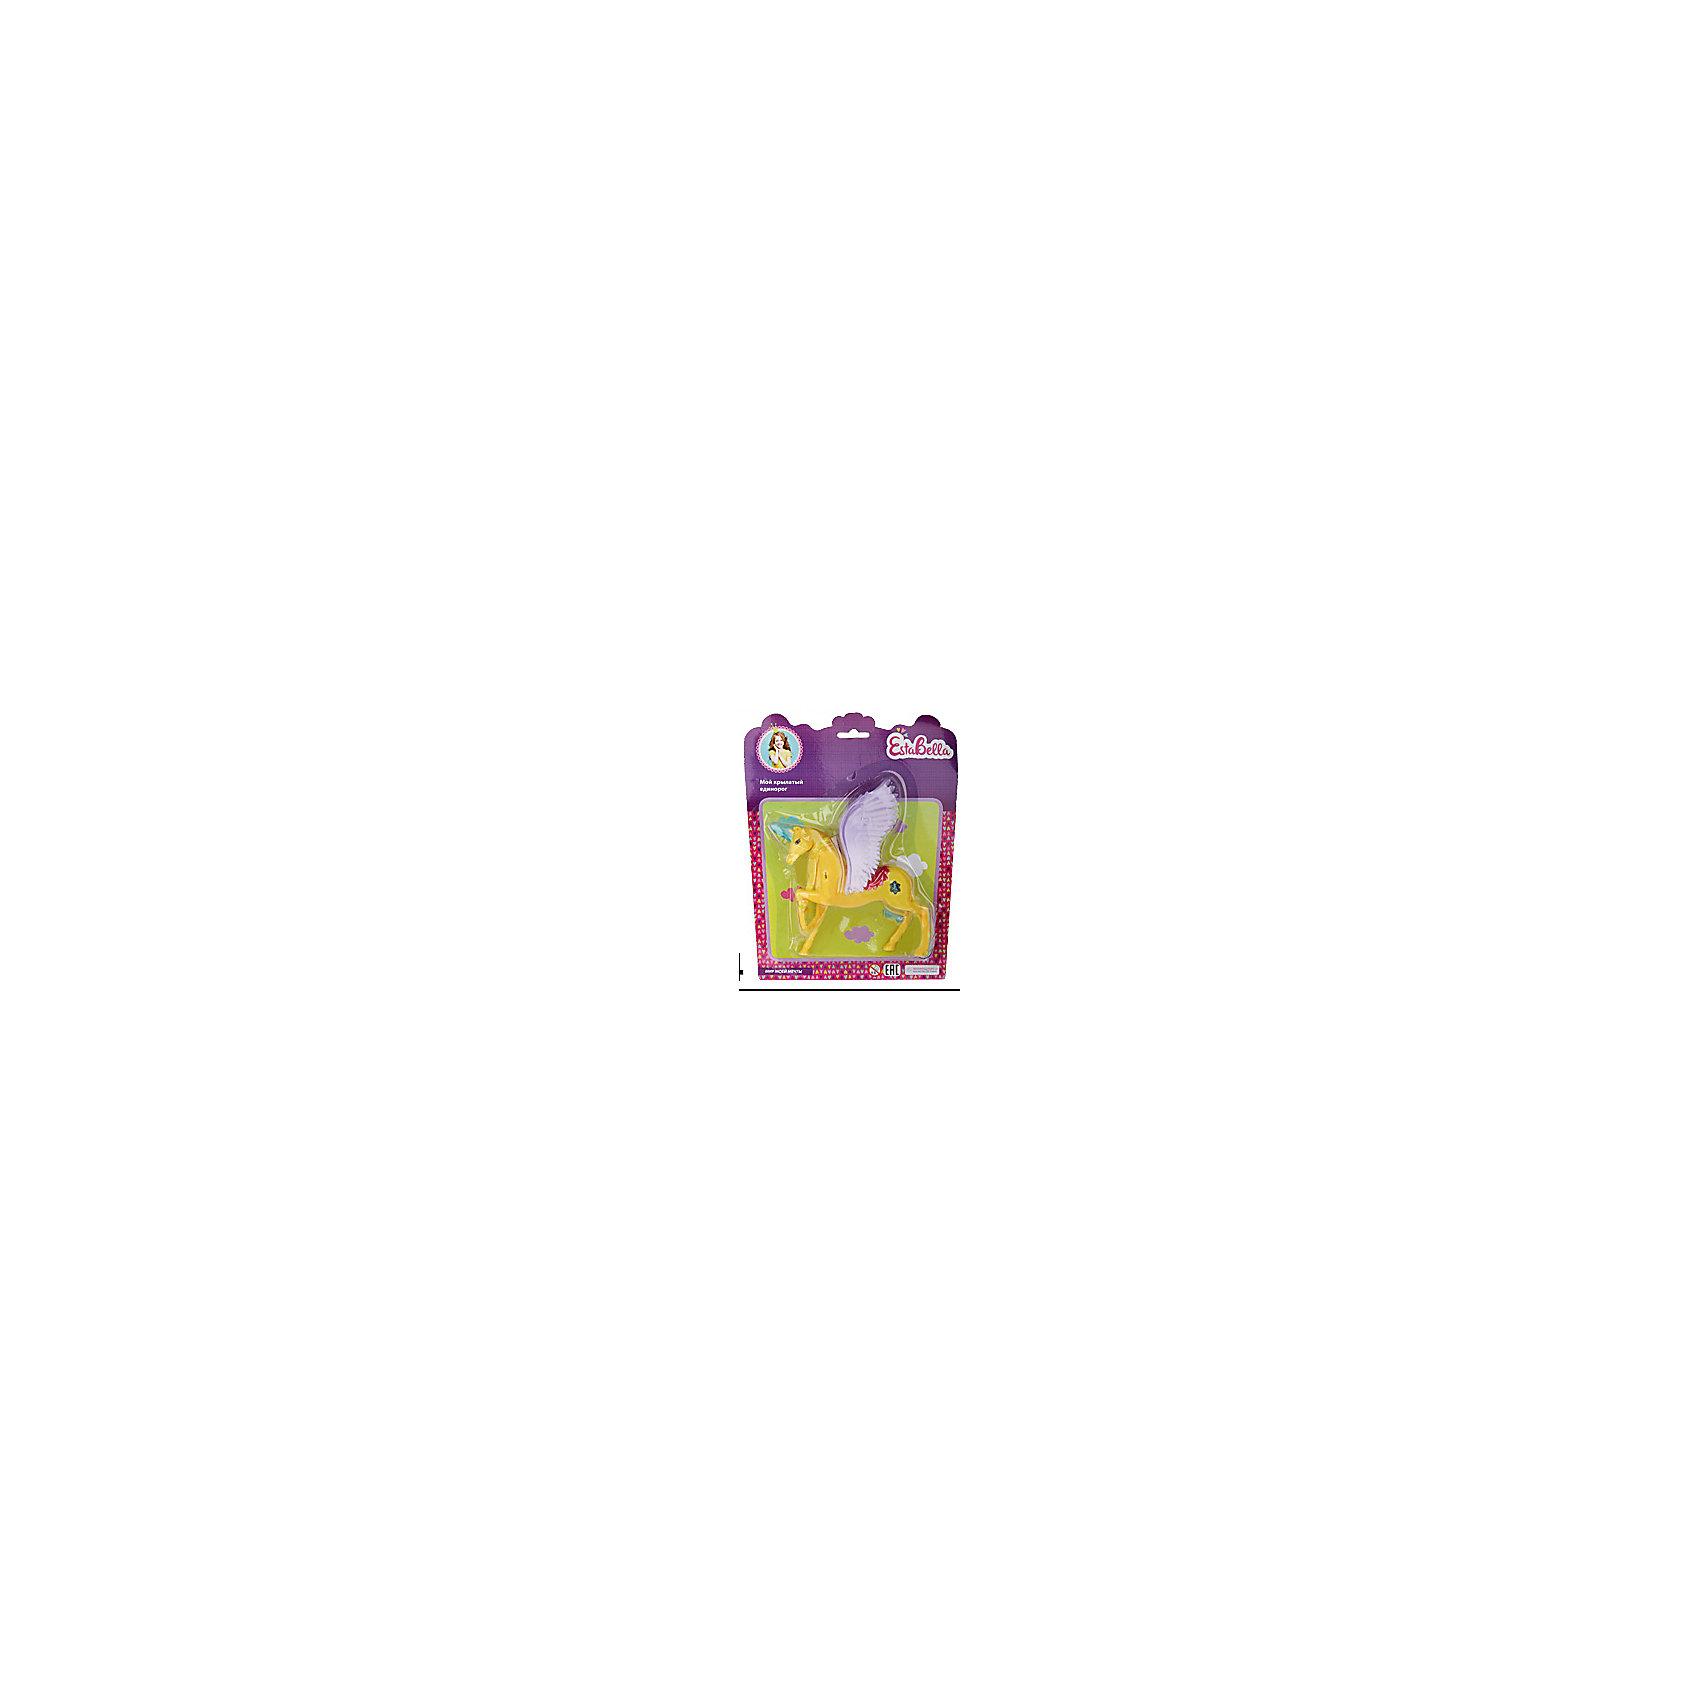 Игрушка Мой крылатый единорог 2, EstaBellaМир животных<br>Игрушка Мой крылатый единорог 2, EstaBella (Эстабелла).<br><br>Характеристики:<br><br>• приятный дизайн<br>• выполнена из нетоксичных материалов<br>• материал: пластик<br>• размер упаковки: 20х3х25 см<br>• вес: 105 грамм<br><br>Мой крылатый единорог - очаровательная игрушка для любительниц волшебства. Единорог окрашен в яркий цвет, имеет огромные крылья, способные поднять в воздух куклу, которая может поместиться в уютном седле. Игрушка подойдет для сюжетно-ролевых игр и поможет развить фантазию. Этот единорог откроет девочке мир волшебства и фантазии!<br><br>Вы можете купить игрушку Мой крылатый единорог 2, EstaBella (Эстабелла) в нашем интернет-магазине.<br><br>Ширина мм: 250<br>Глубина мм: 30<br>Высота мм: 200<br>Вес г: 105<br>Возраст от месяцев: 36<br>Возраст до месяцев: 120<br>Пол: Женский<br>Возраст: Детский<br>SKU: 5017659